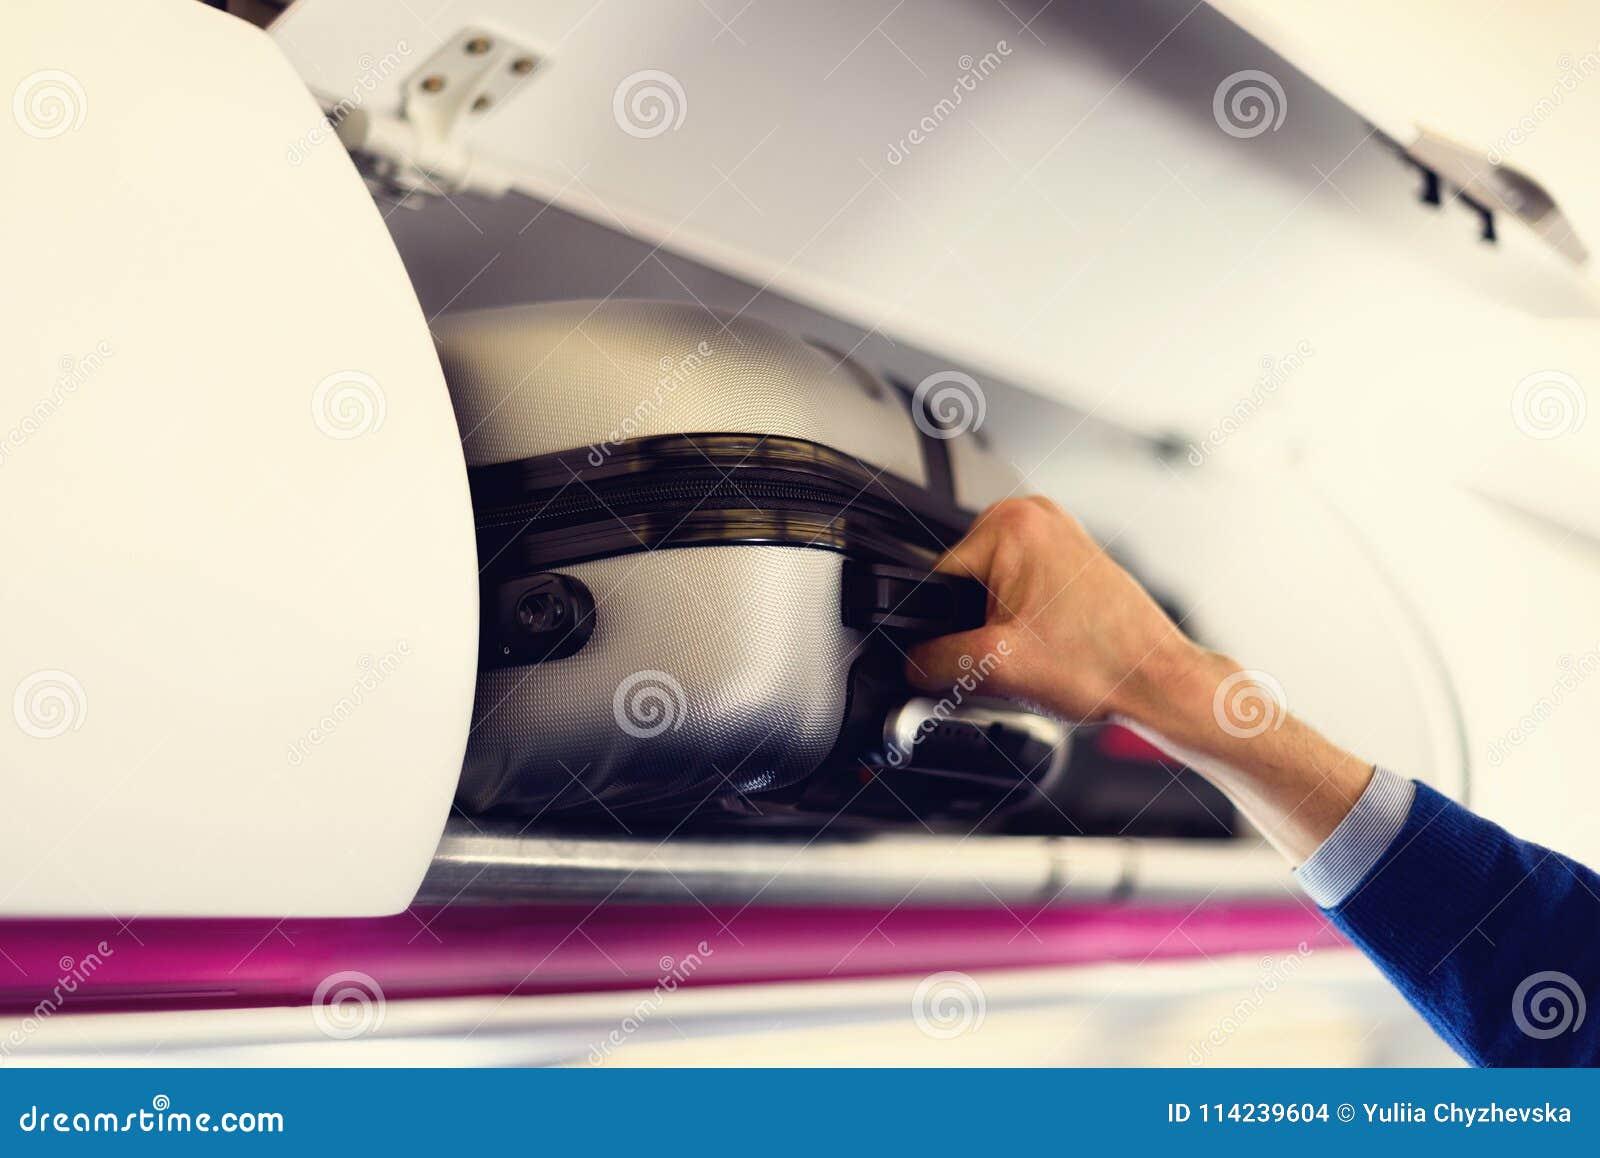 Compartiment de Main-bagage avec des valises dans l avion Les mains enlèvent le bagage de main Le passager a mis la carlingue de